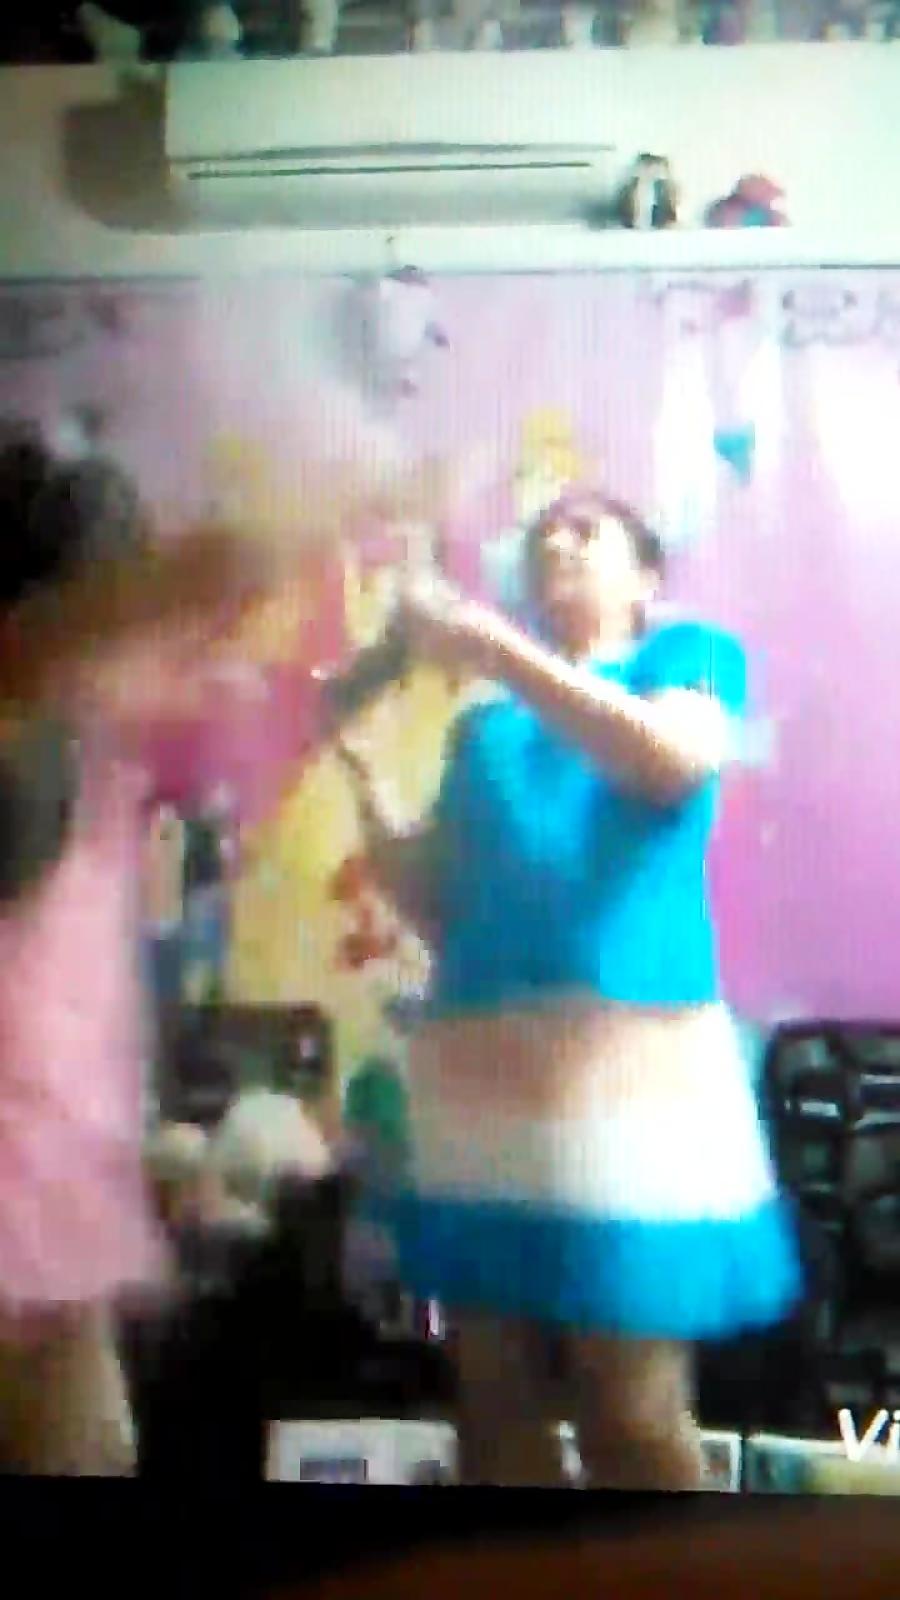 کاشی پردیس نیشابور فیلم: تولدم 26شهریوره / ویدیو کلیپ   مجله ایرانی